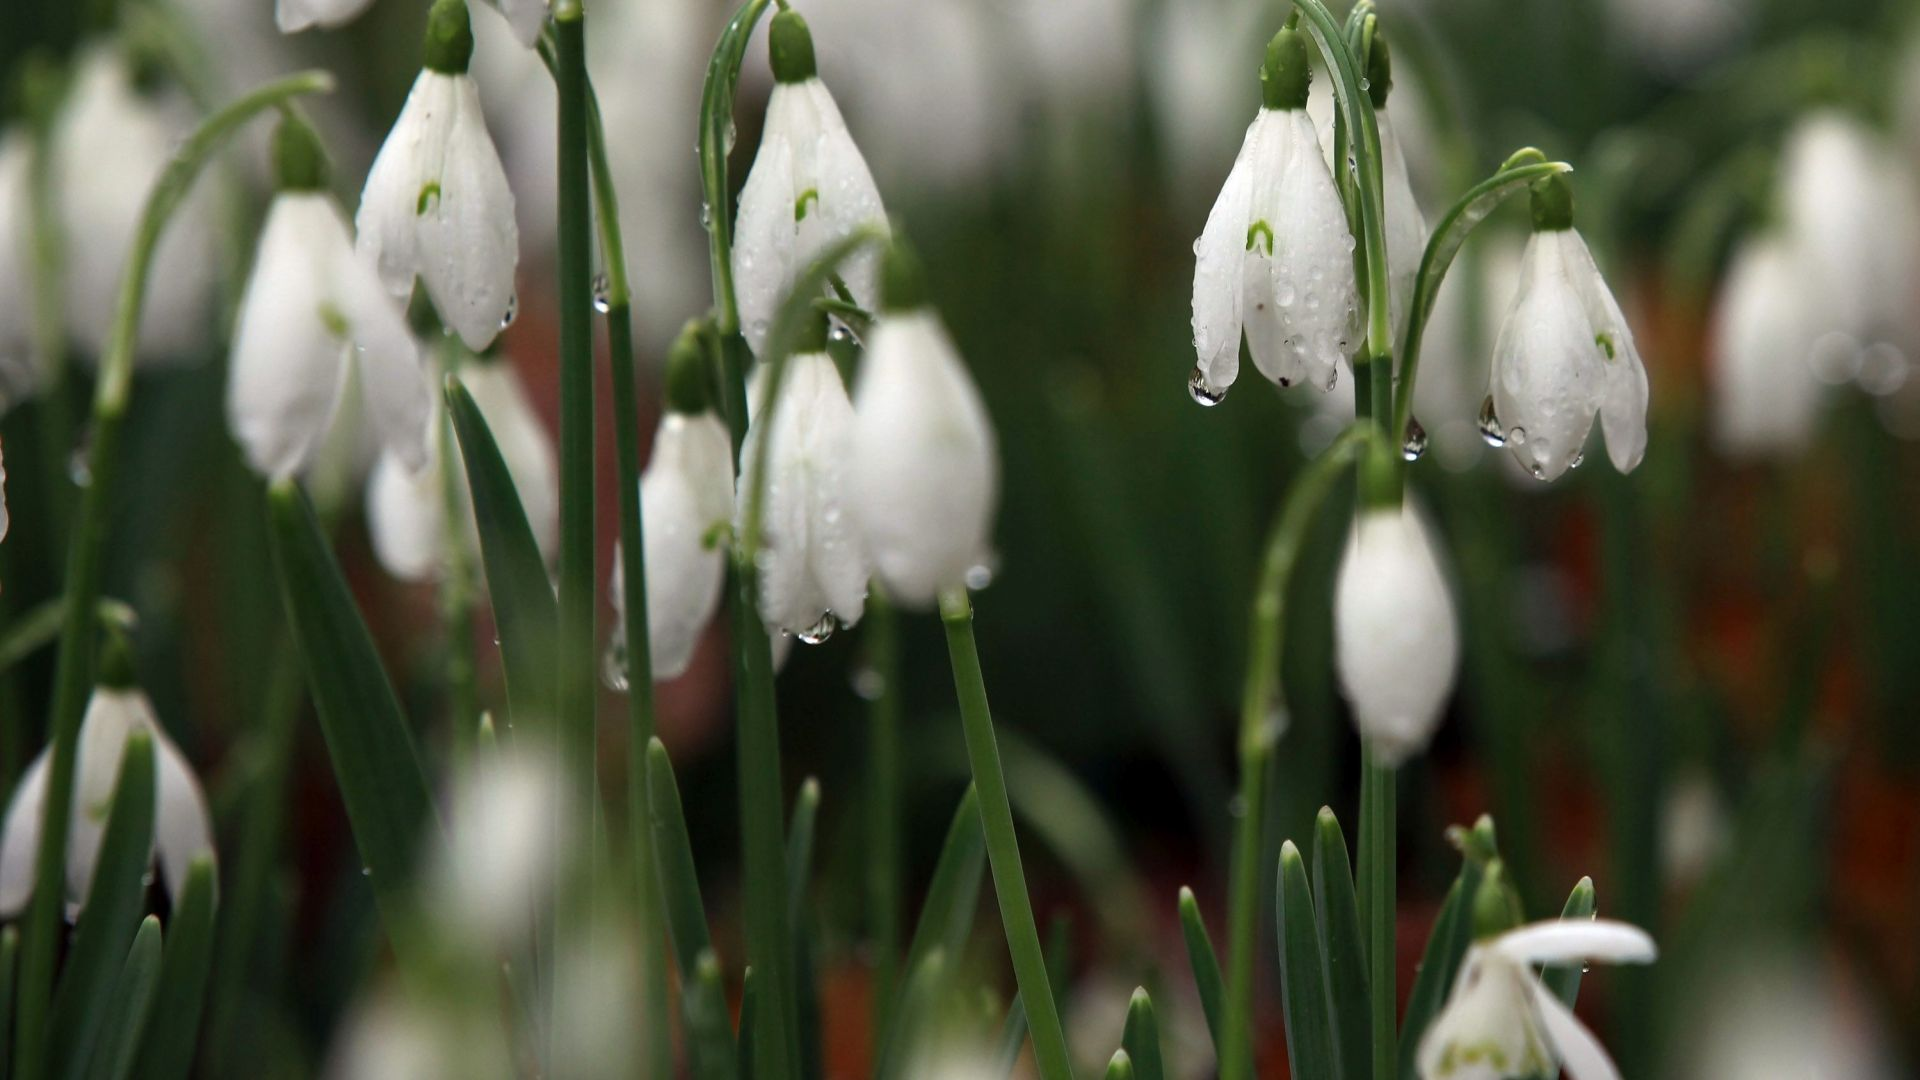 Идва топла пролет, но ще има и сняг през март